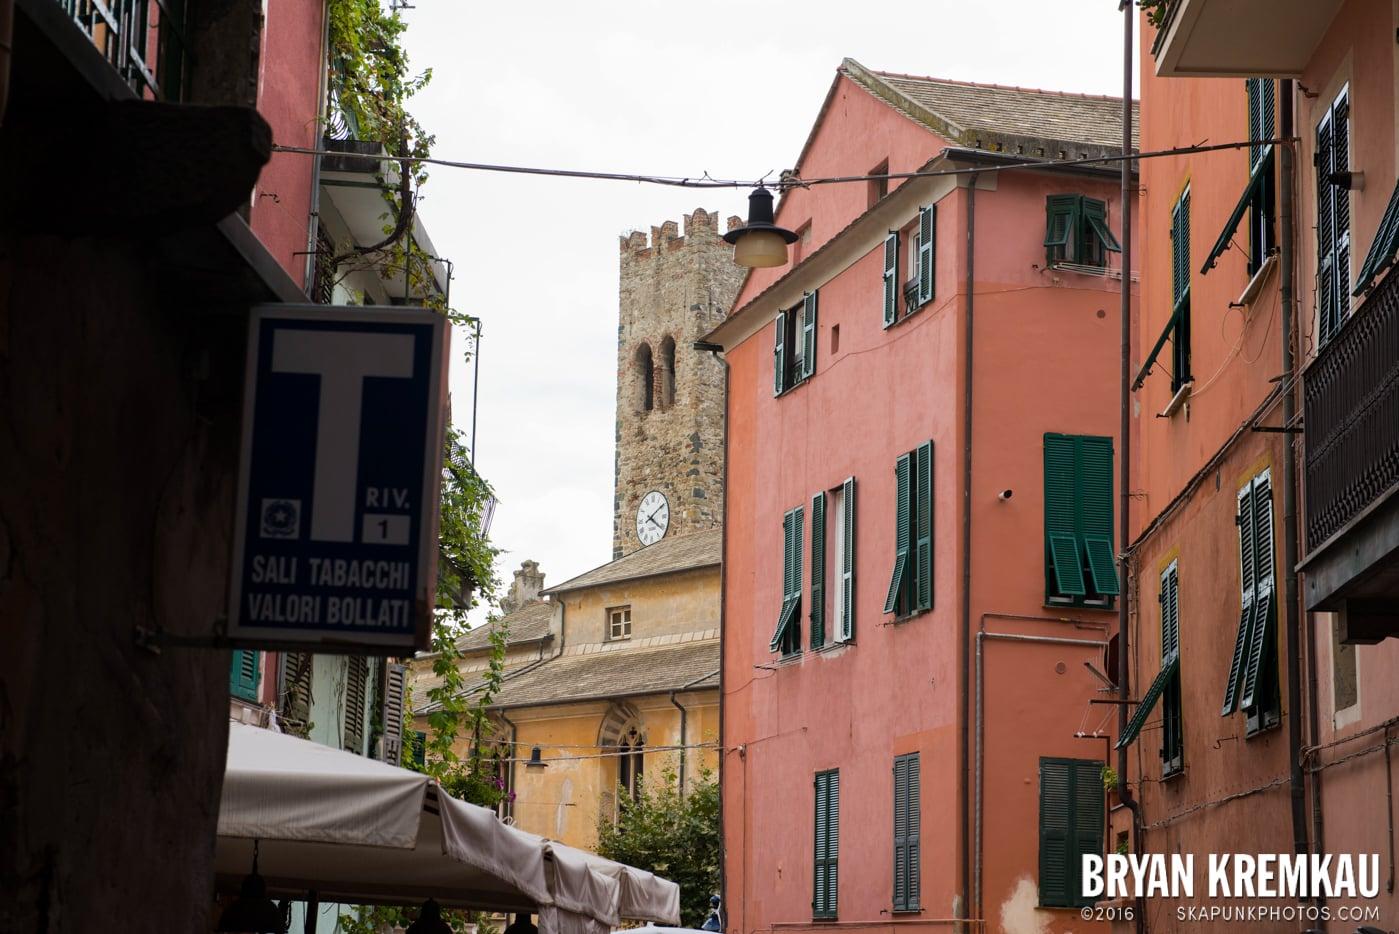 Italy Vacation - Day 10: Cinque Terre - 9.18.13 (15)